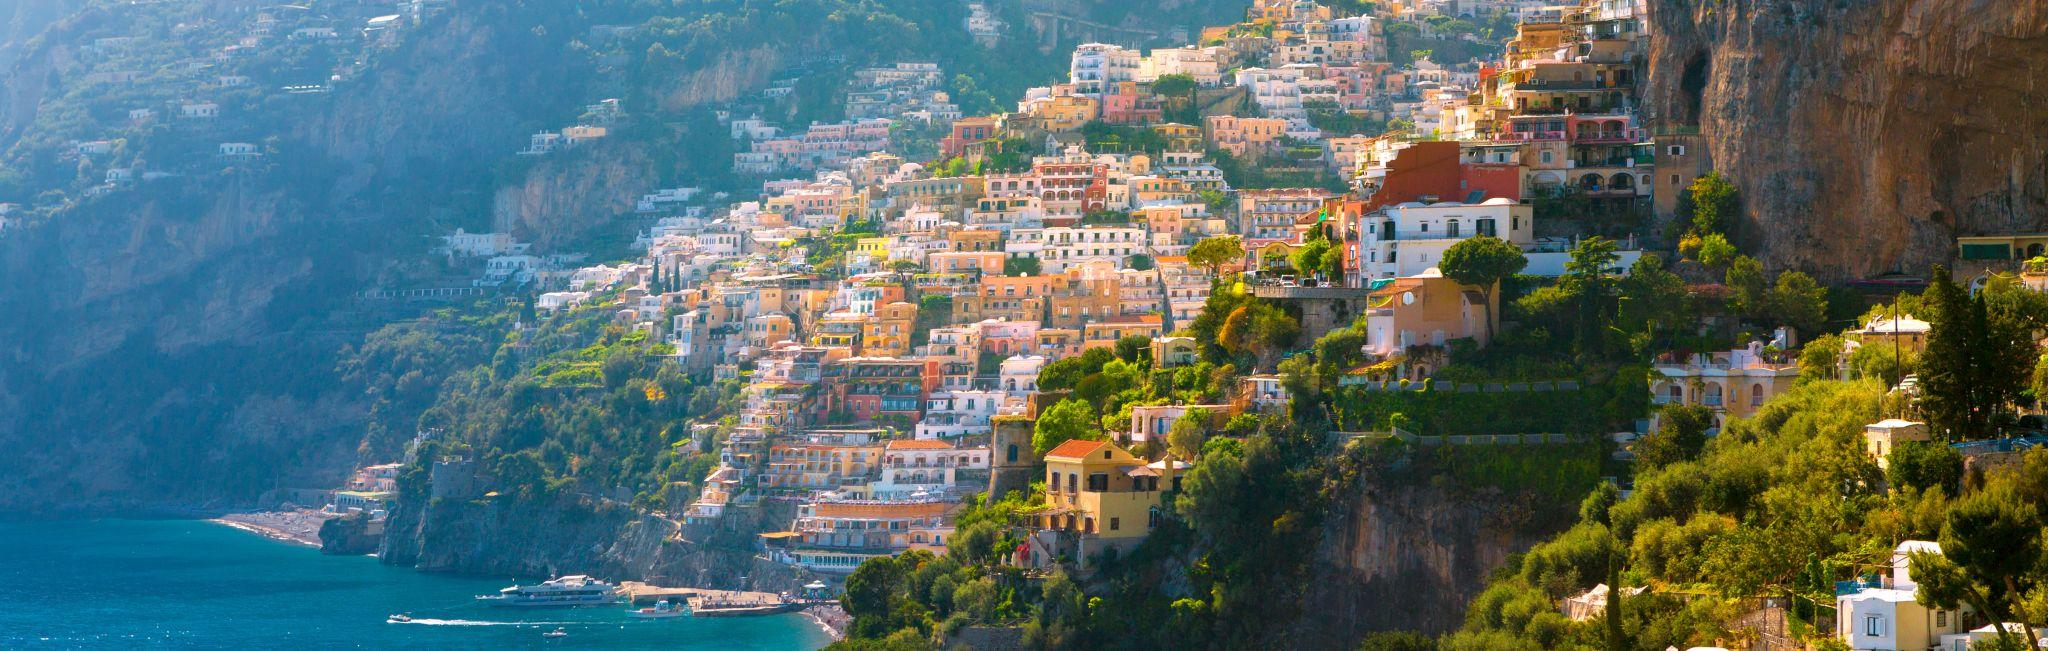 Le ricette della Campania: uno dei paradisi enogastronomici italiani